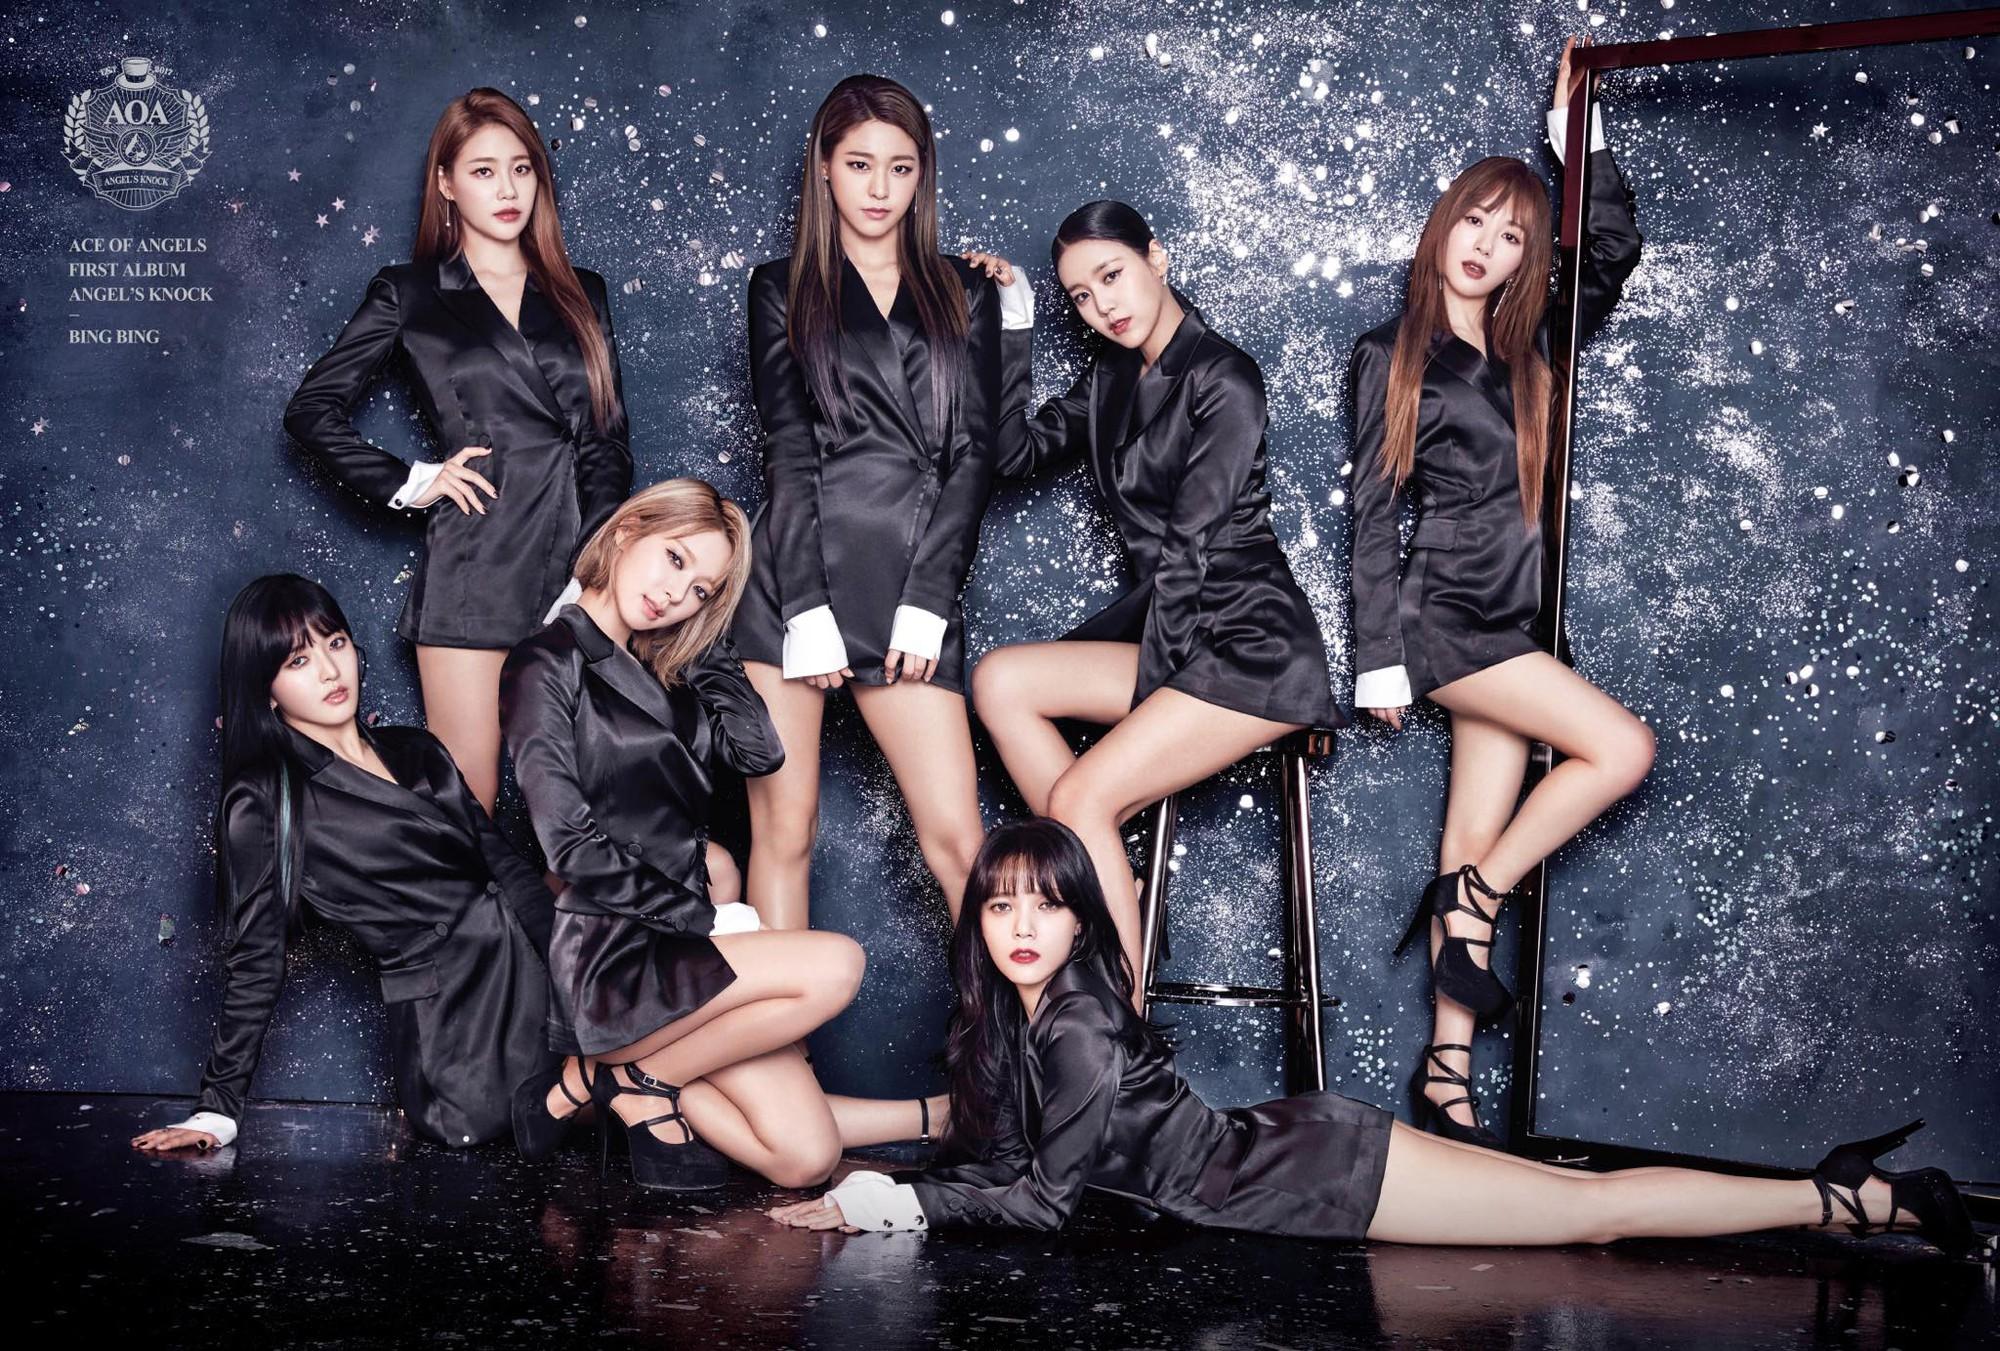 6 nhóm nhạc Kpop có nguy cơ tan rã vào năm 2019: Toàn nhân tố gây sốt, bất ngờ nhất là gà cưng nhà SM - Ảnh 4.